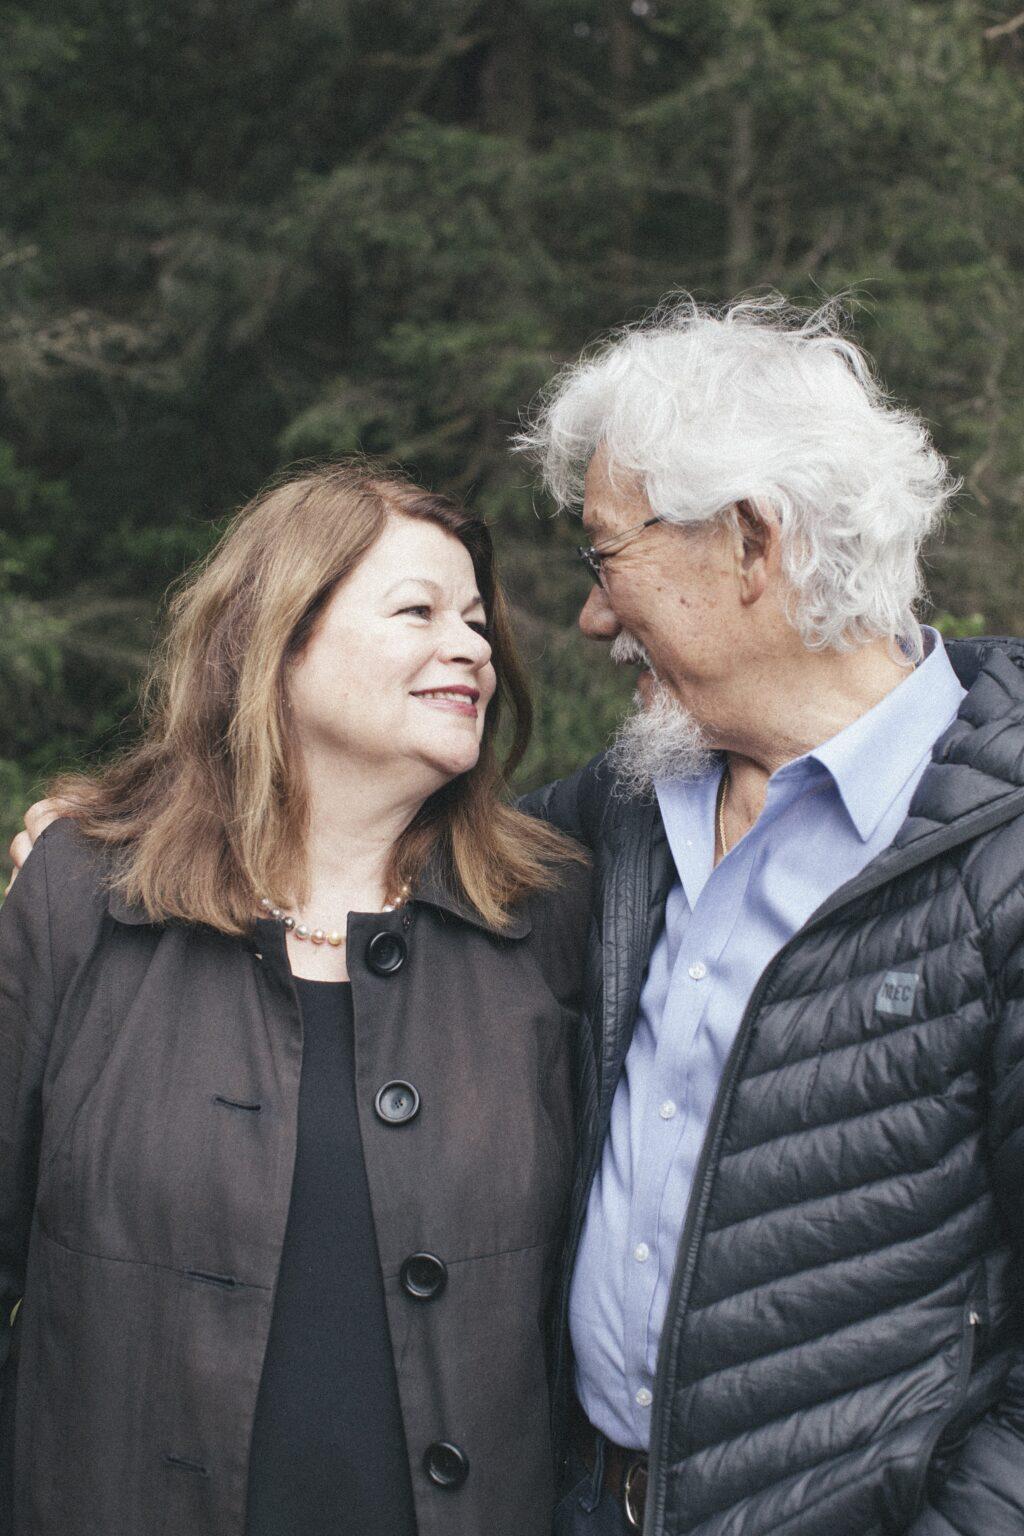 Tara Cullis and David Suzuki